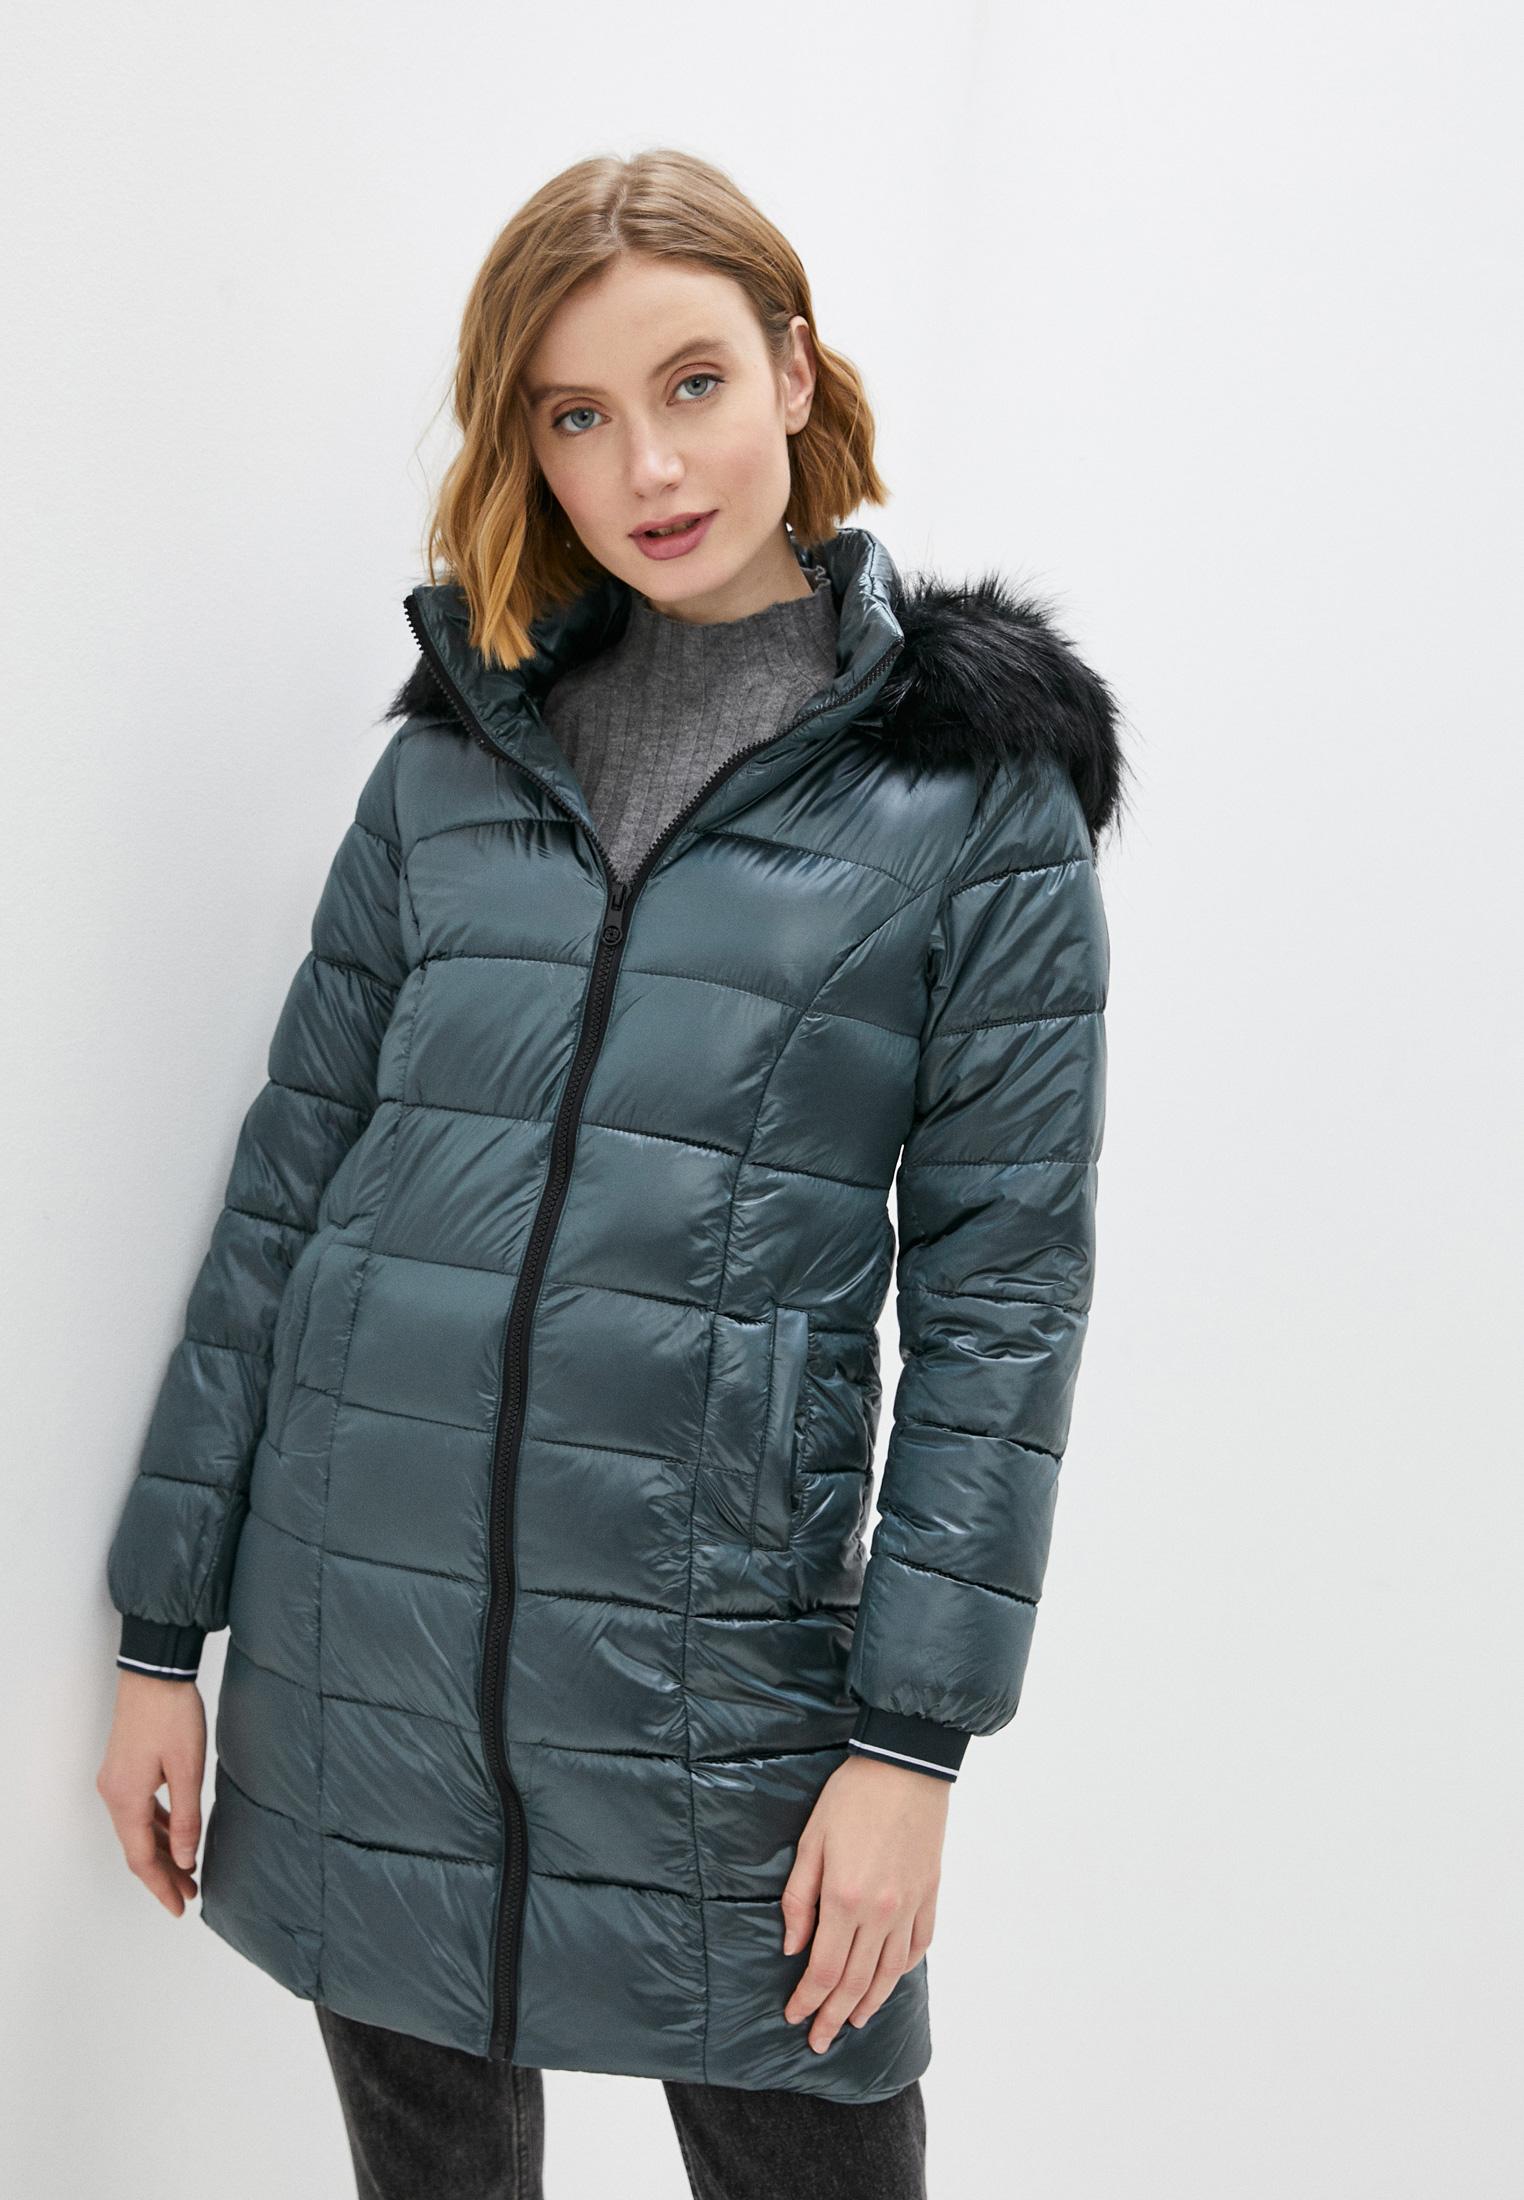 Куртка Zabaione NX-401-0032